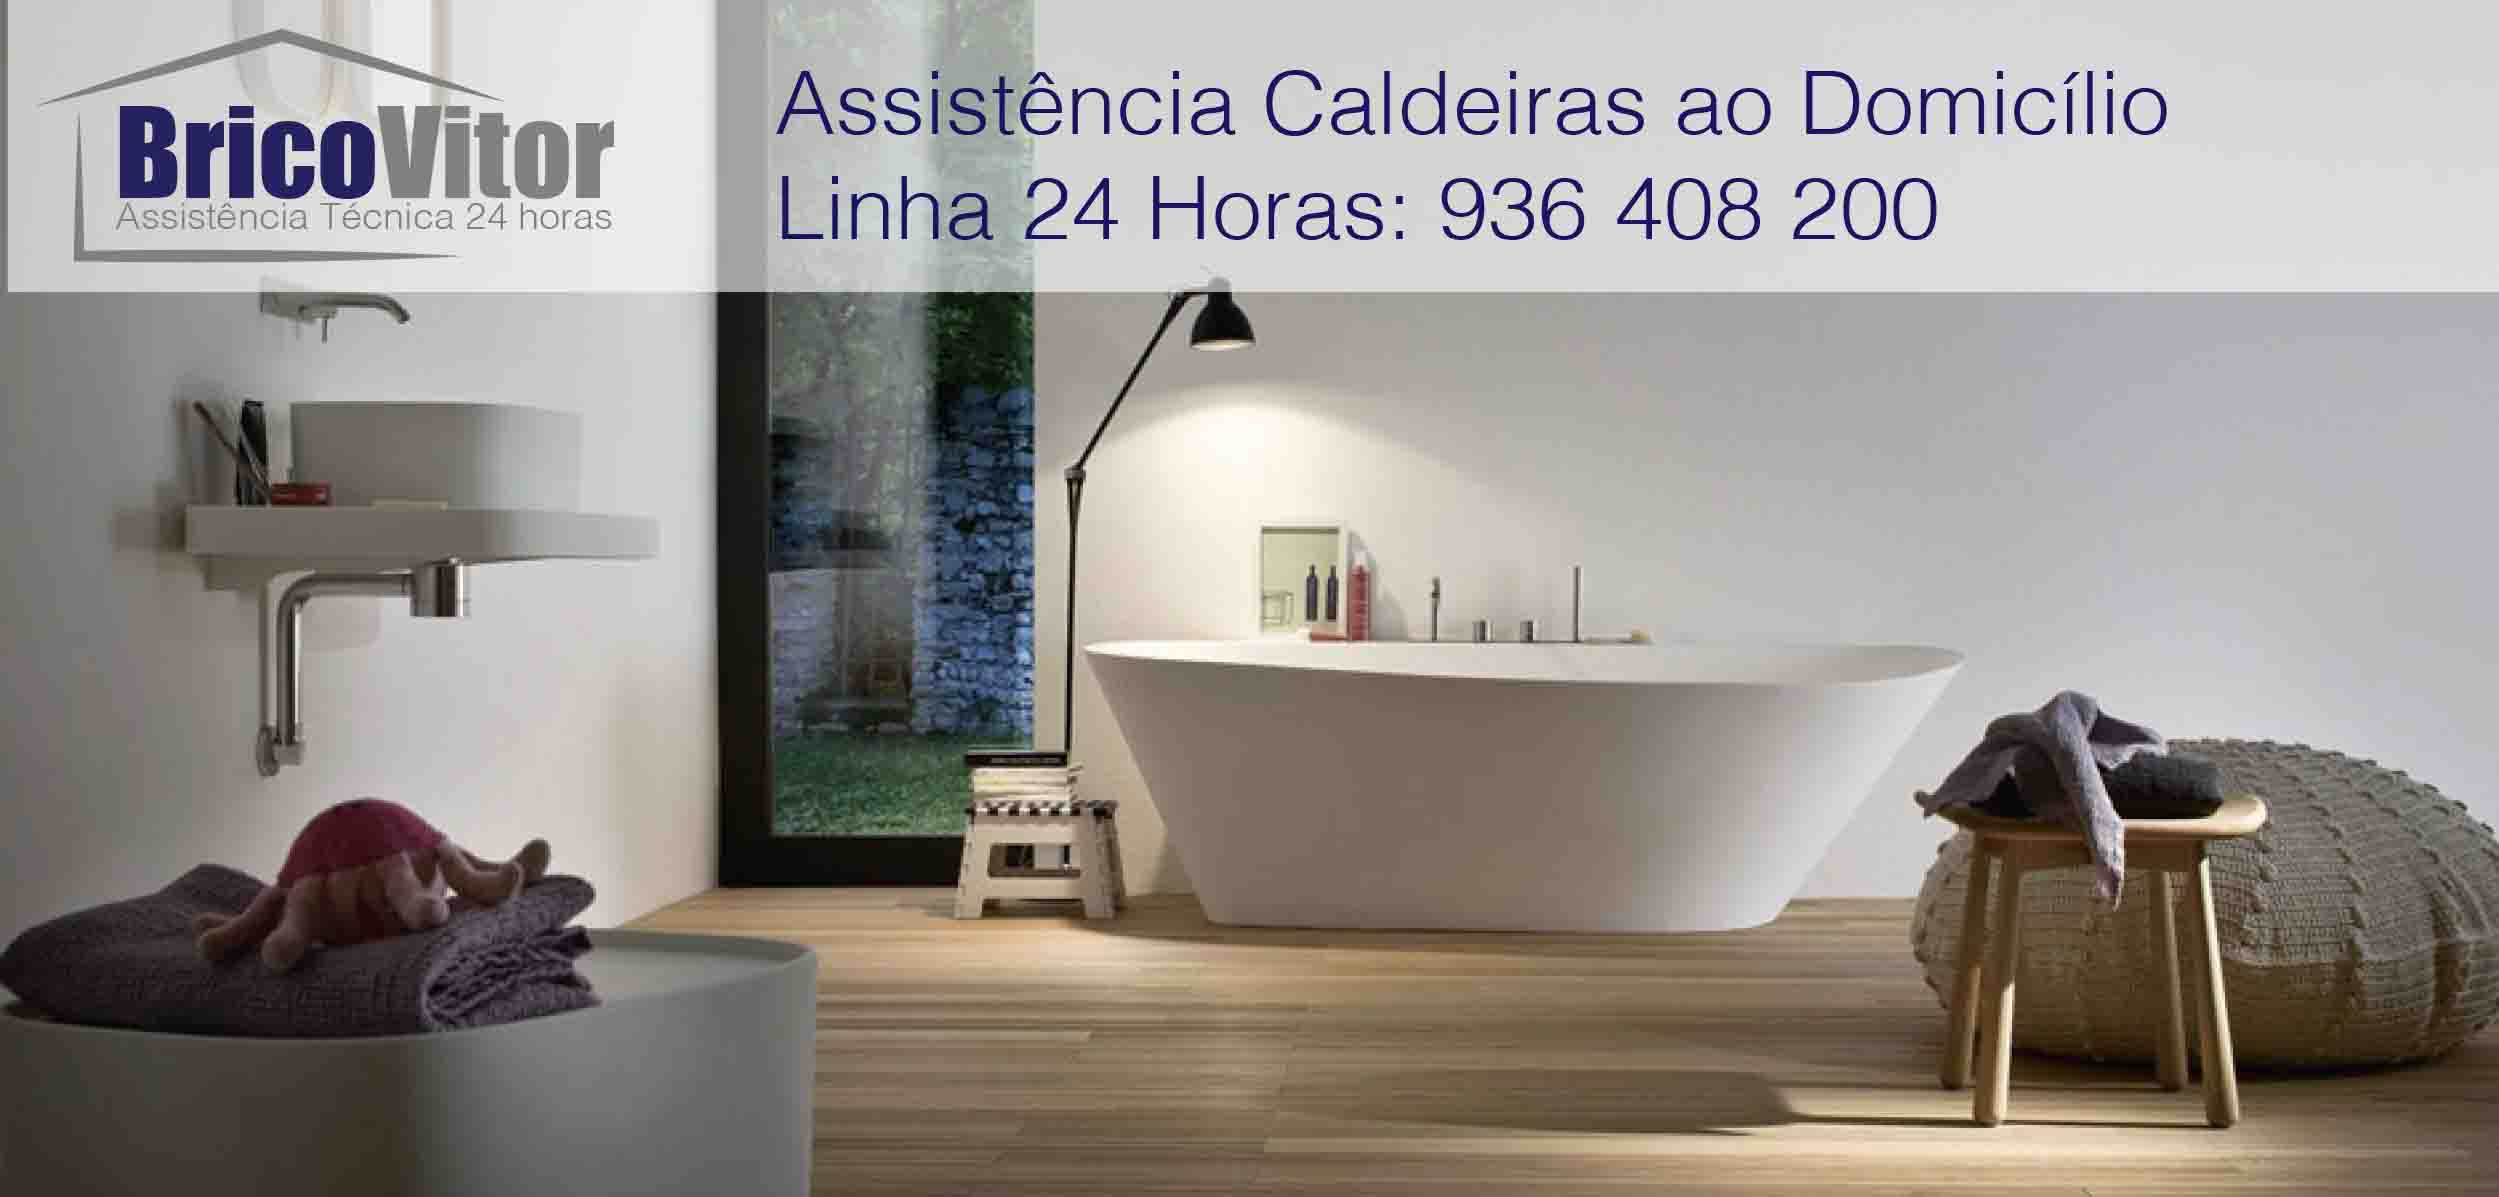 Assistência Esquentador Aldão - Guimarães - Empresa de Assistência Reparação e Manutenção de Esquentador